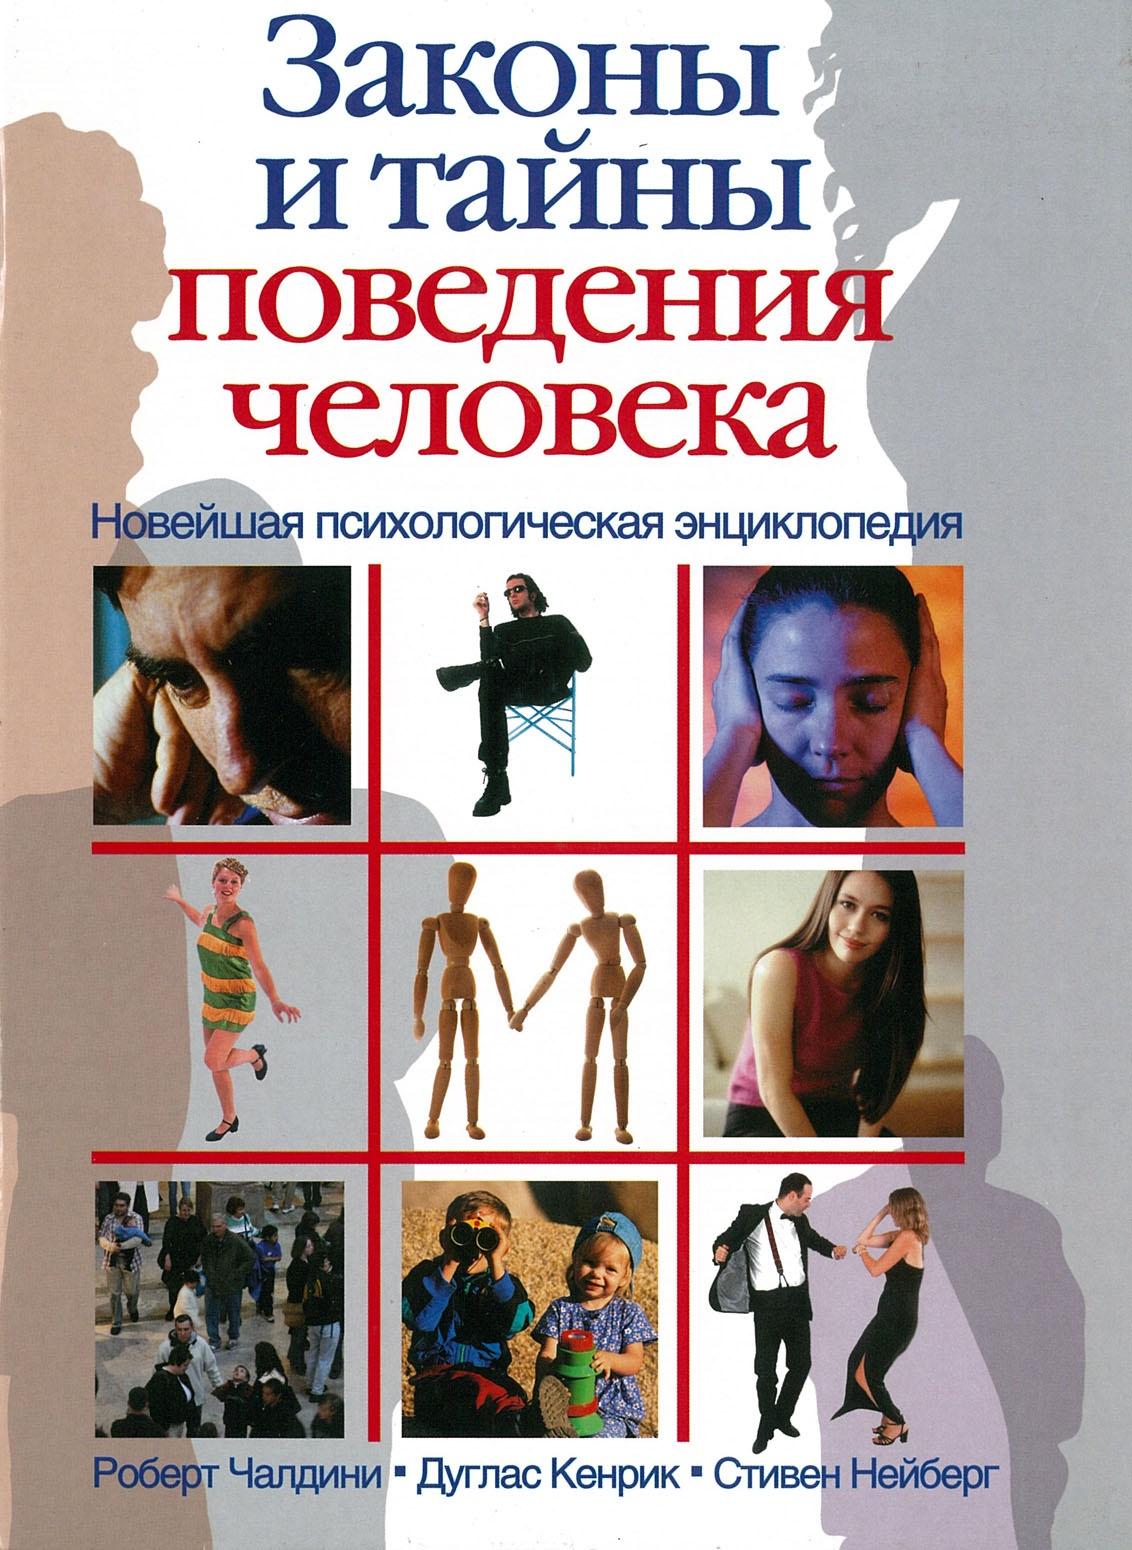 Чалдини Роберт Новейшая психологическая энциклопедия. Законы и тайны поведения человека